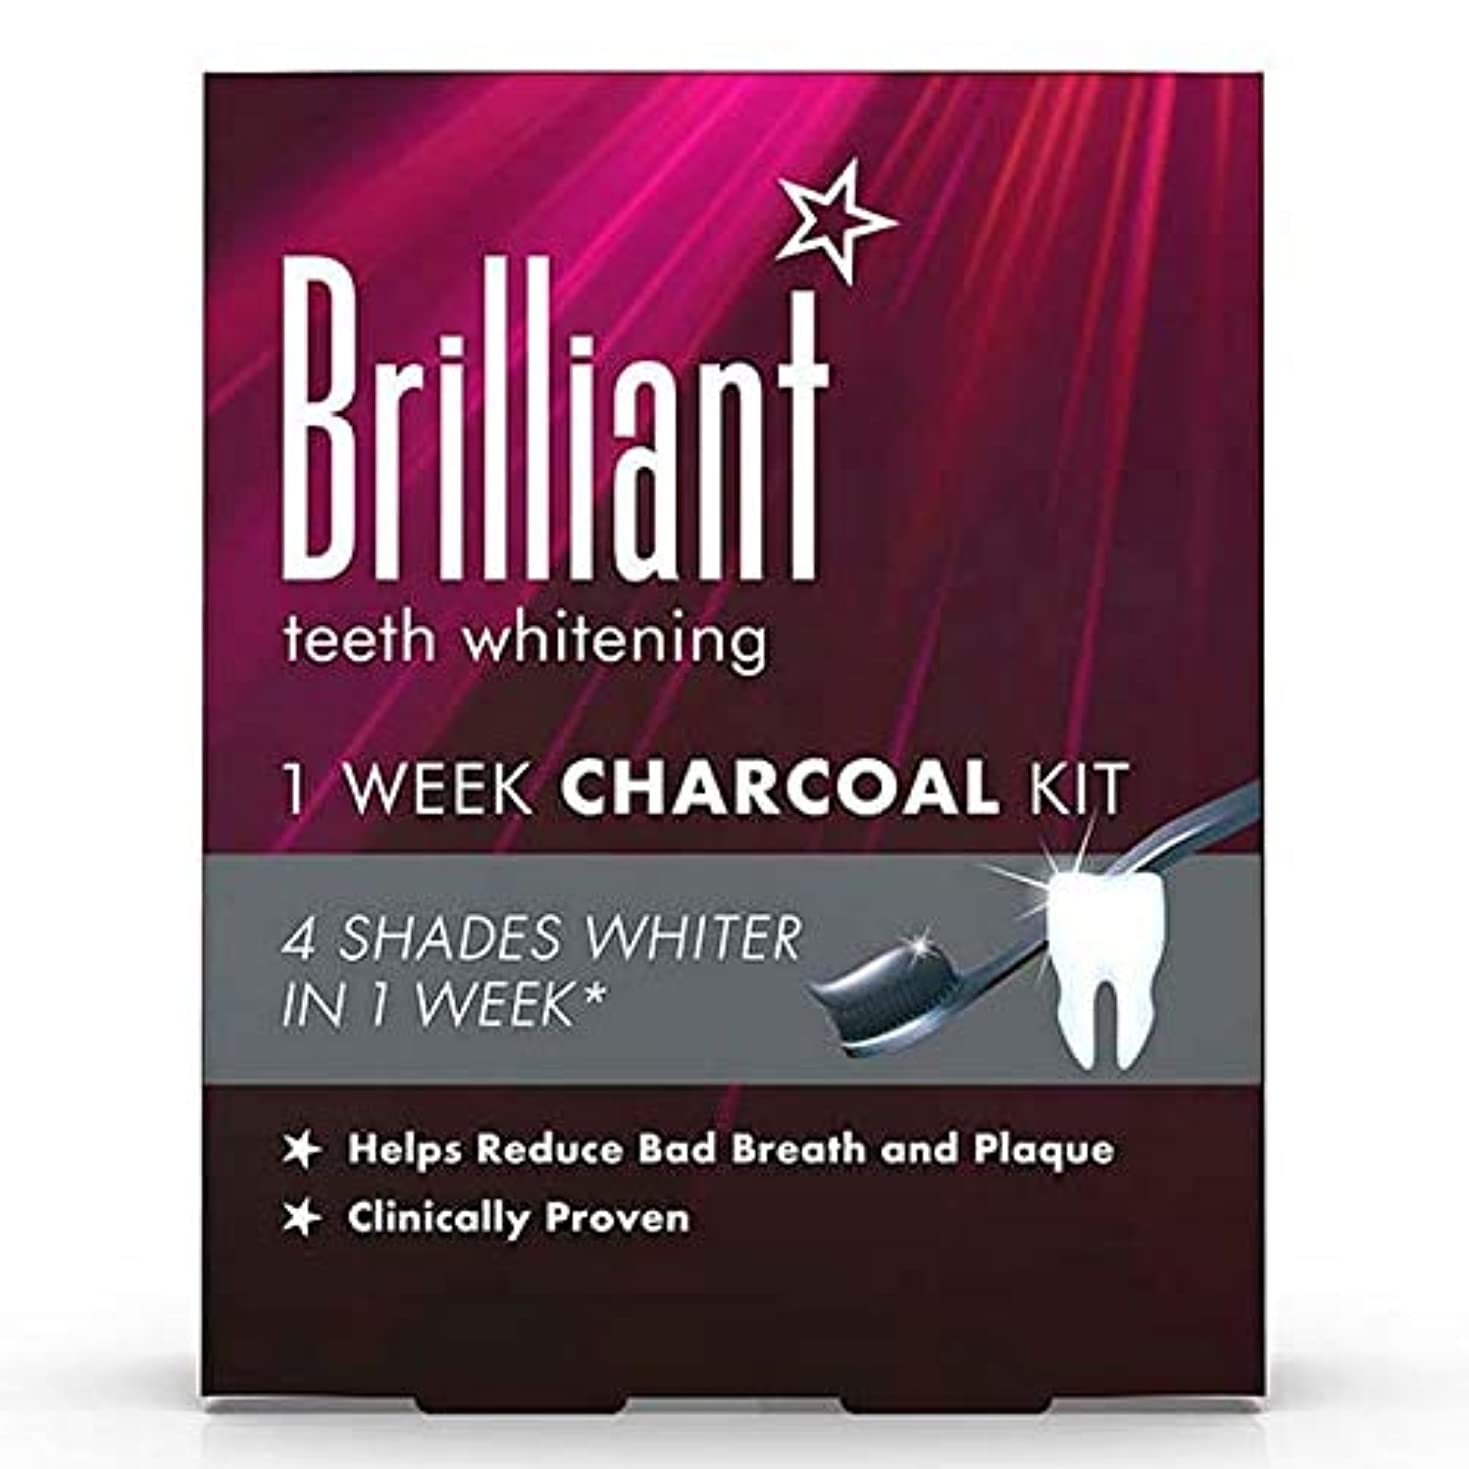 十年圧縮迫害する[Brilliant ] 華麗なホワイトニング1週間木炭キット - Brilliant Whitening 1 Week Charcoal Kit [並行輸入品]